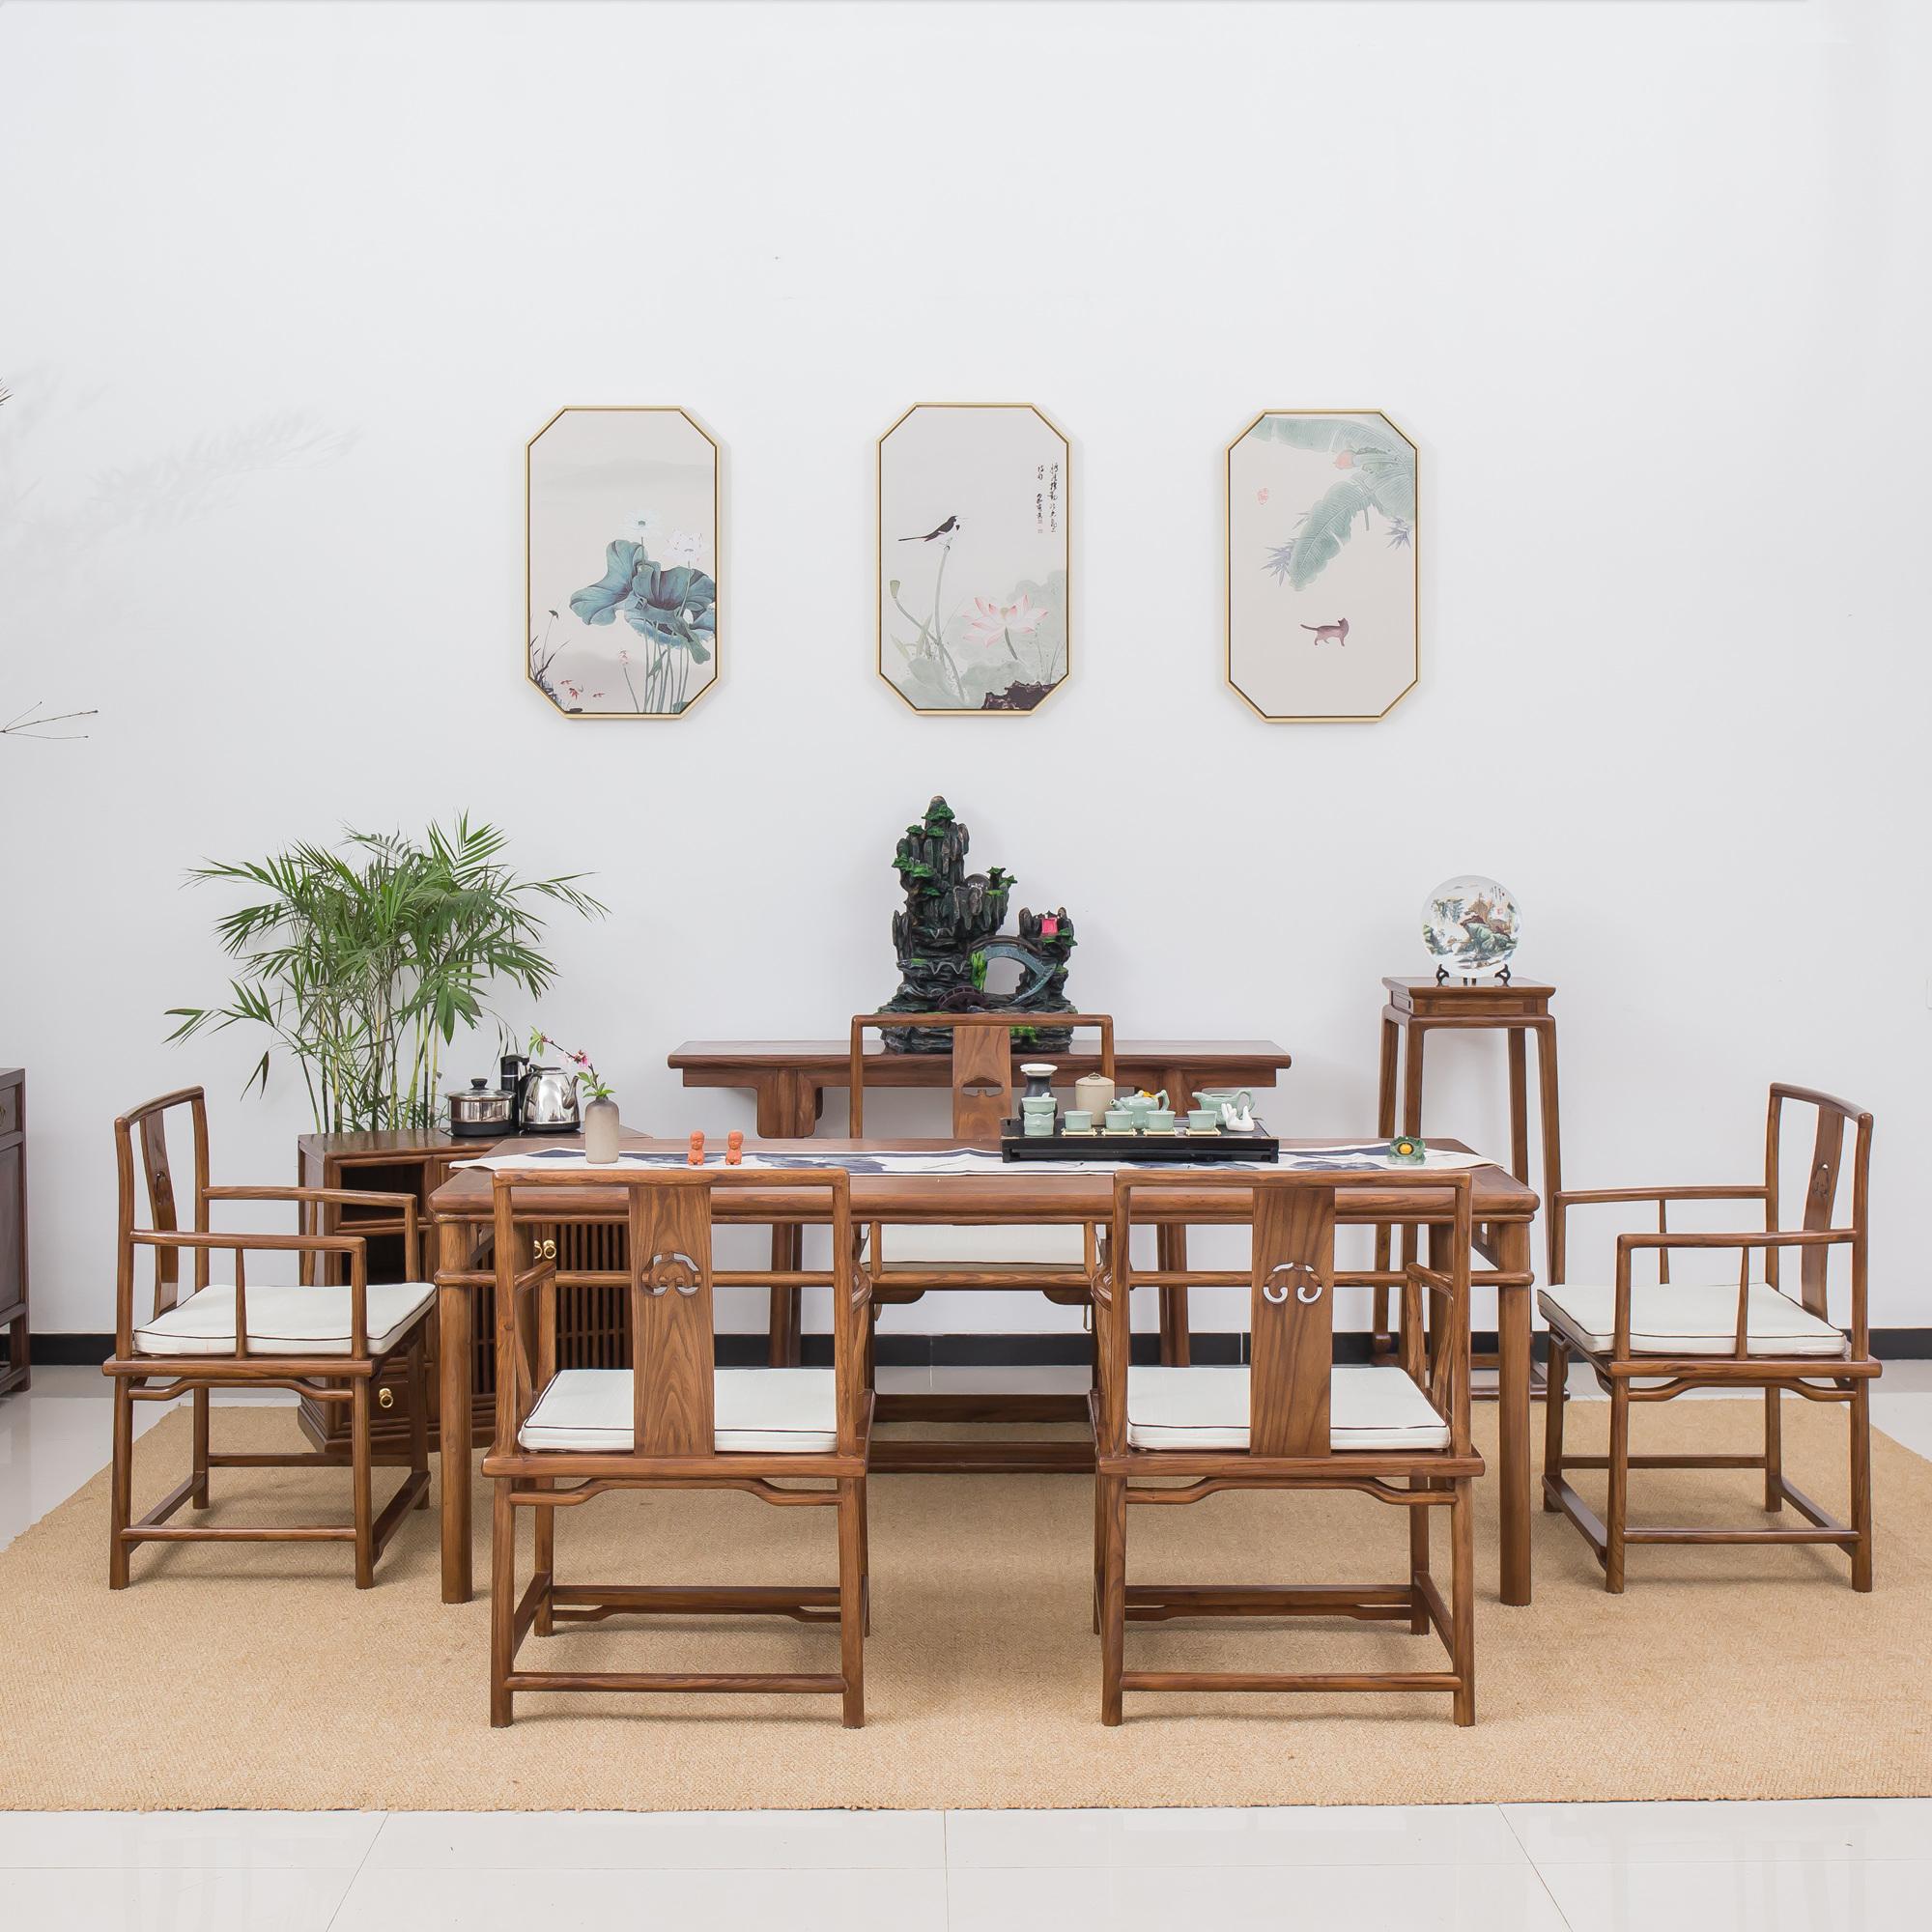 黒胡桃の木のお茶のテーブルとテーブルとテーブルの組み合わせは、新しい中国式の禅の意味のお茶のテーブル5つの椅子の古い楡の木の茶室の家具です。